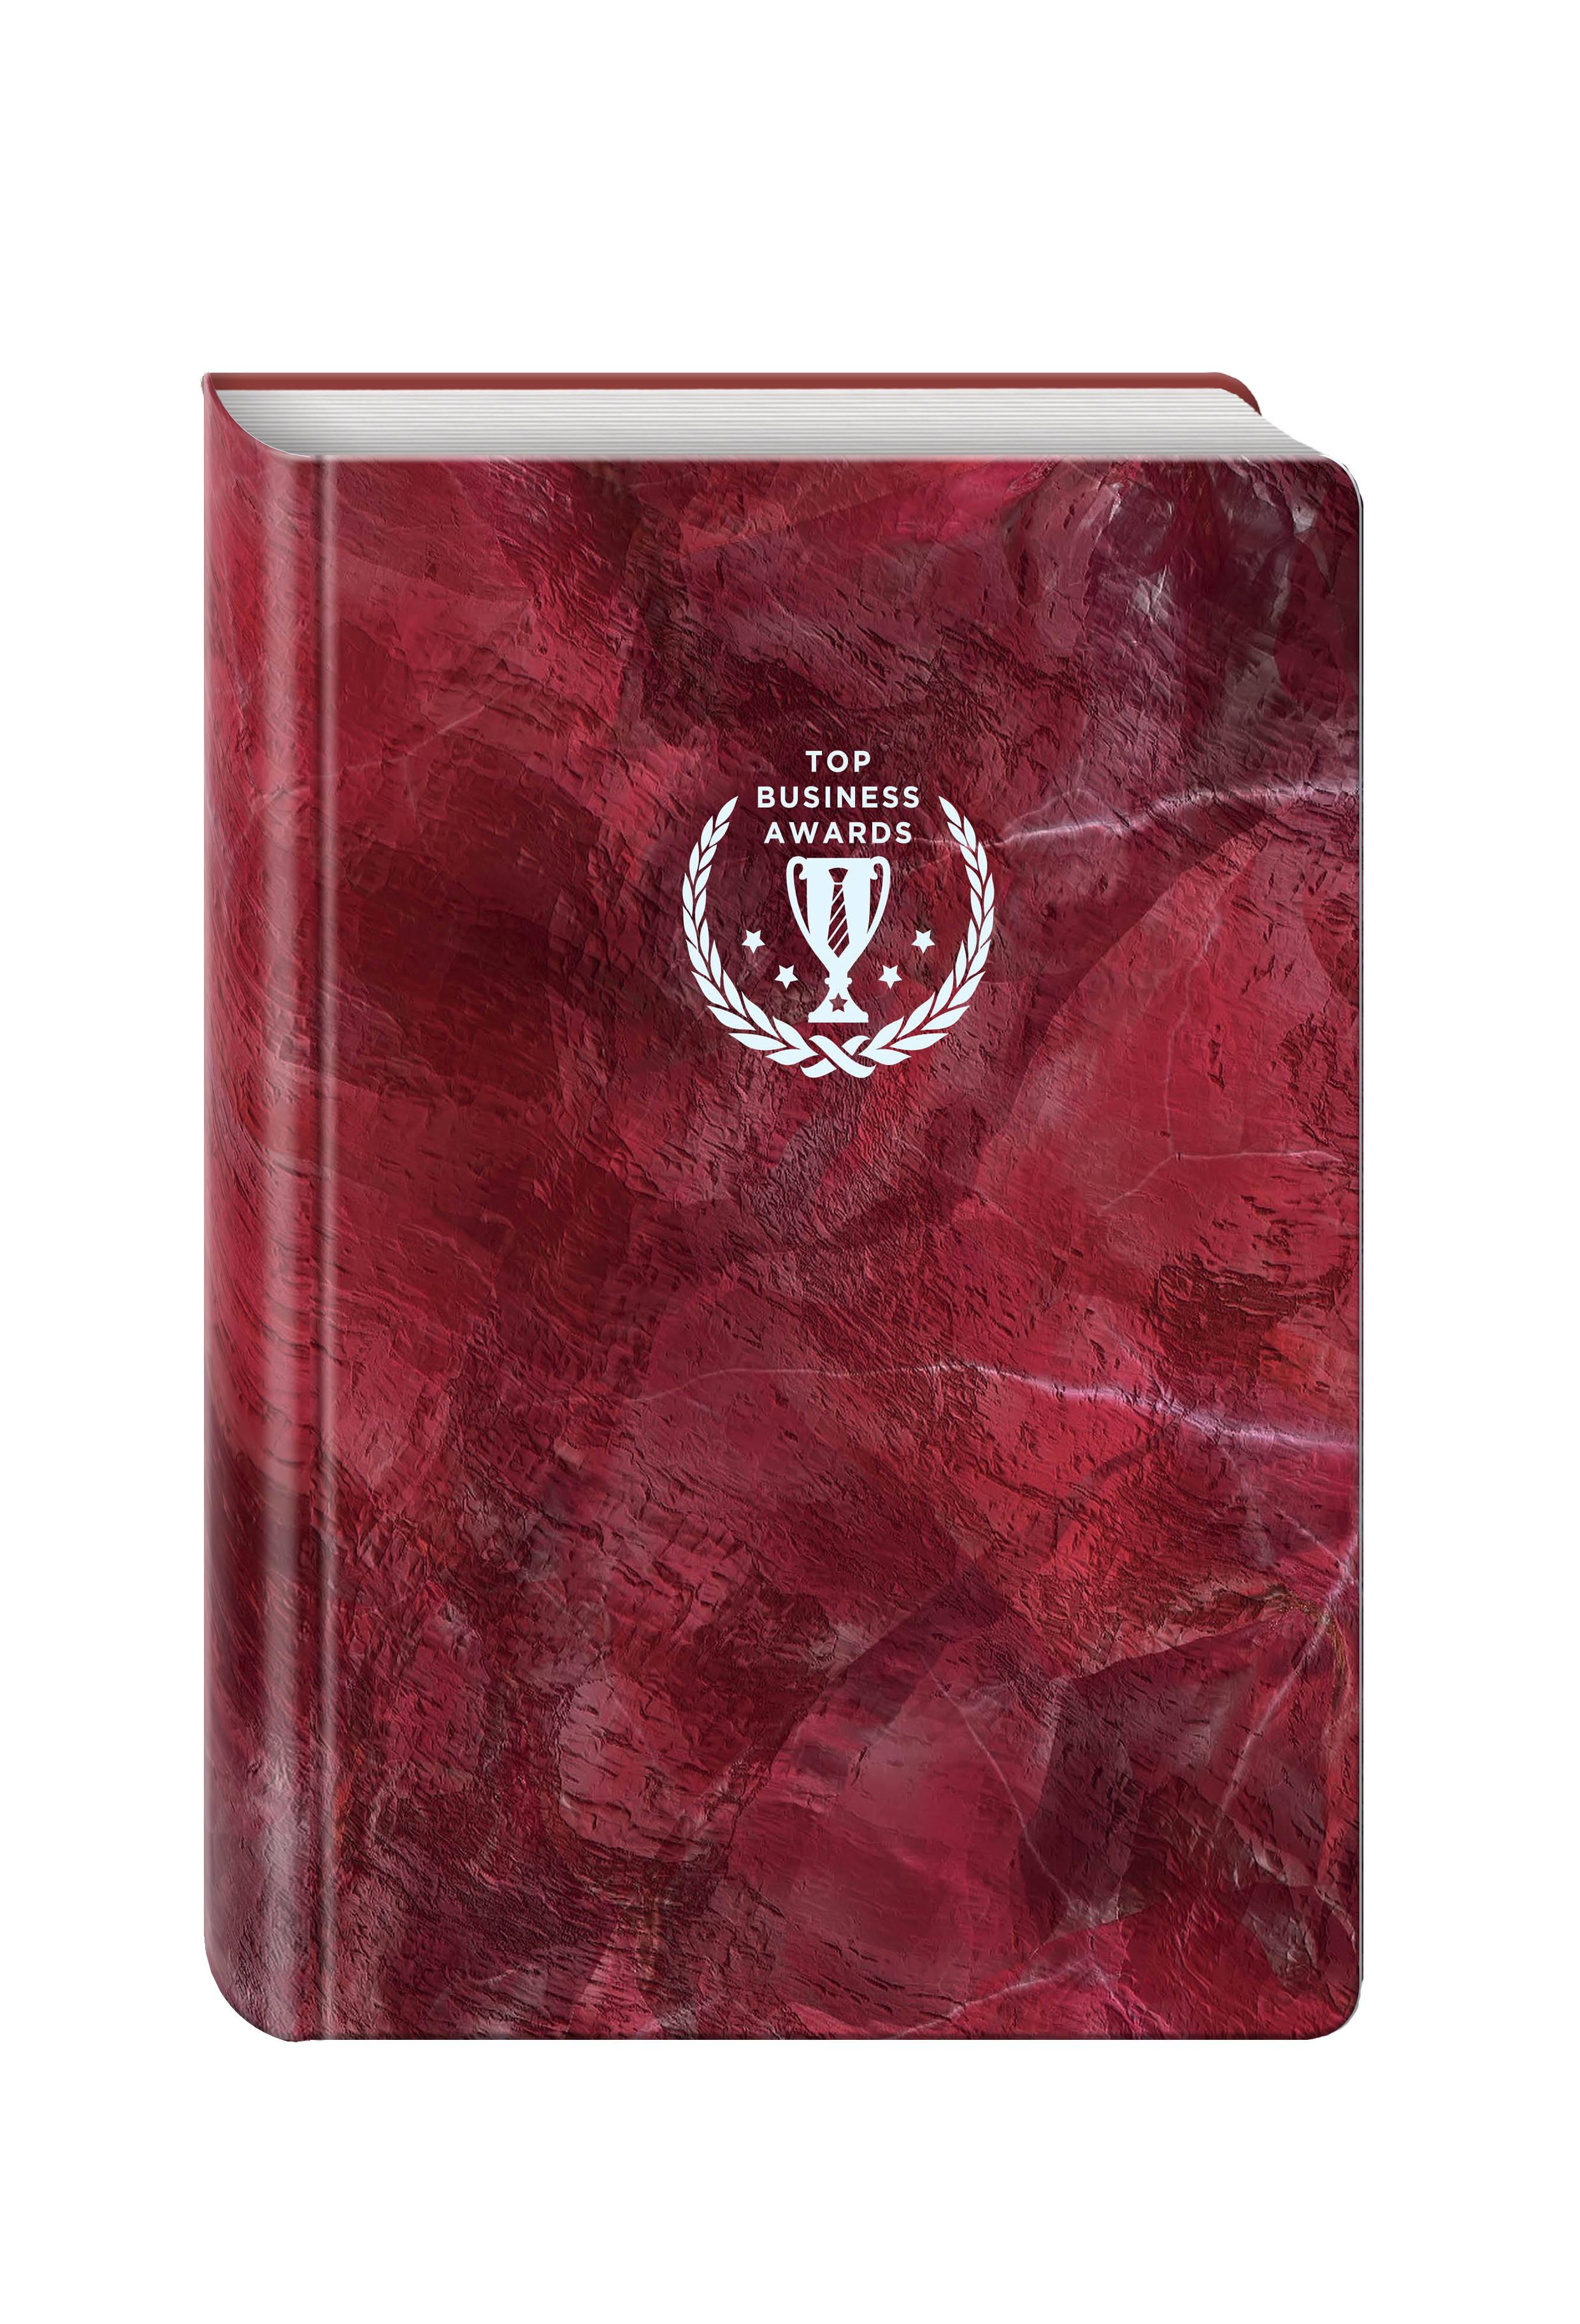 Блокнот Top Business Awards - линованный (красный мрамор, желтые страницы) блокнот не трогай мой блокнот а5 144 стр